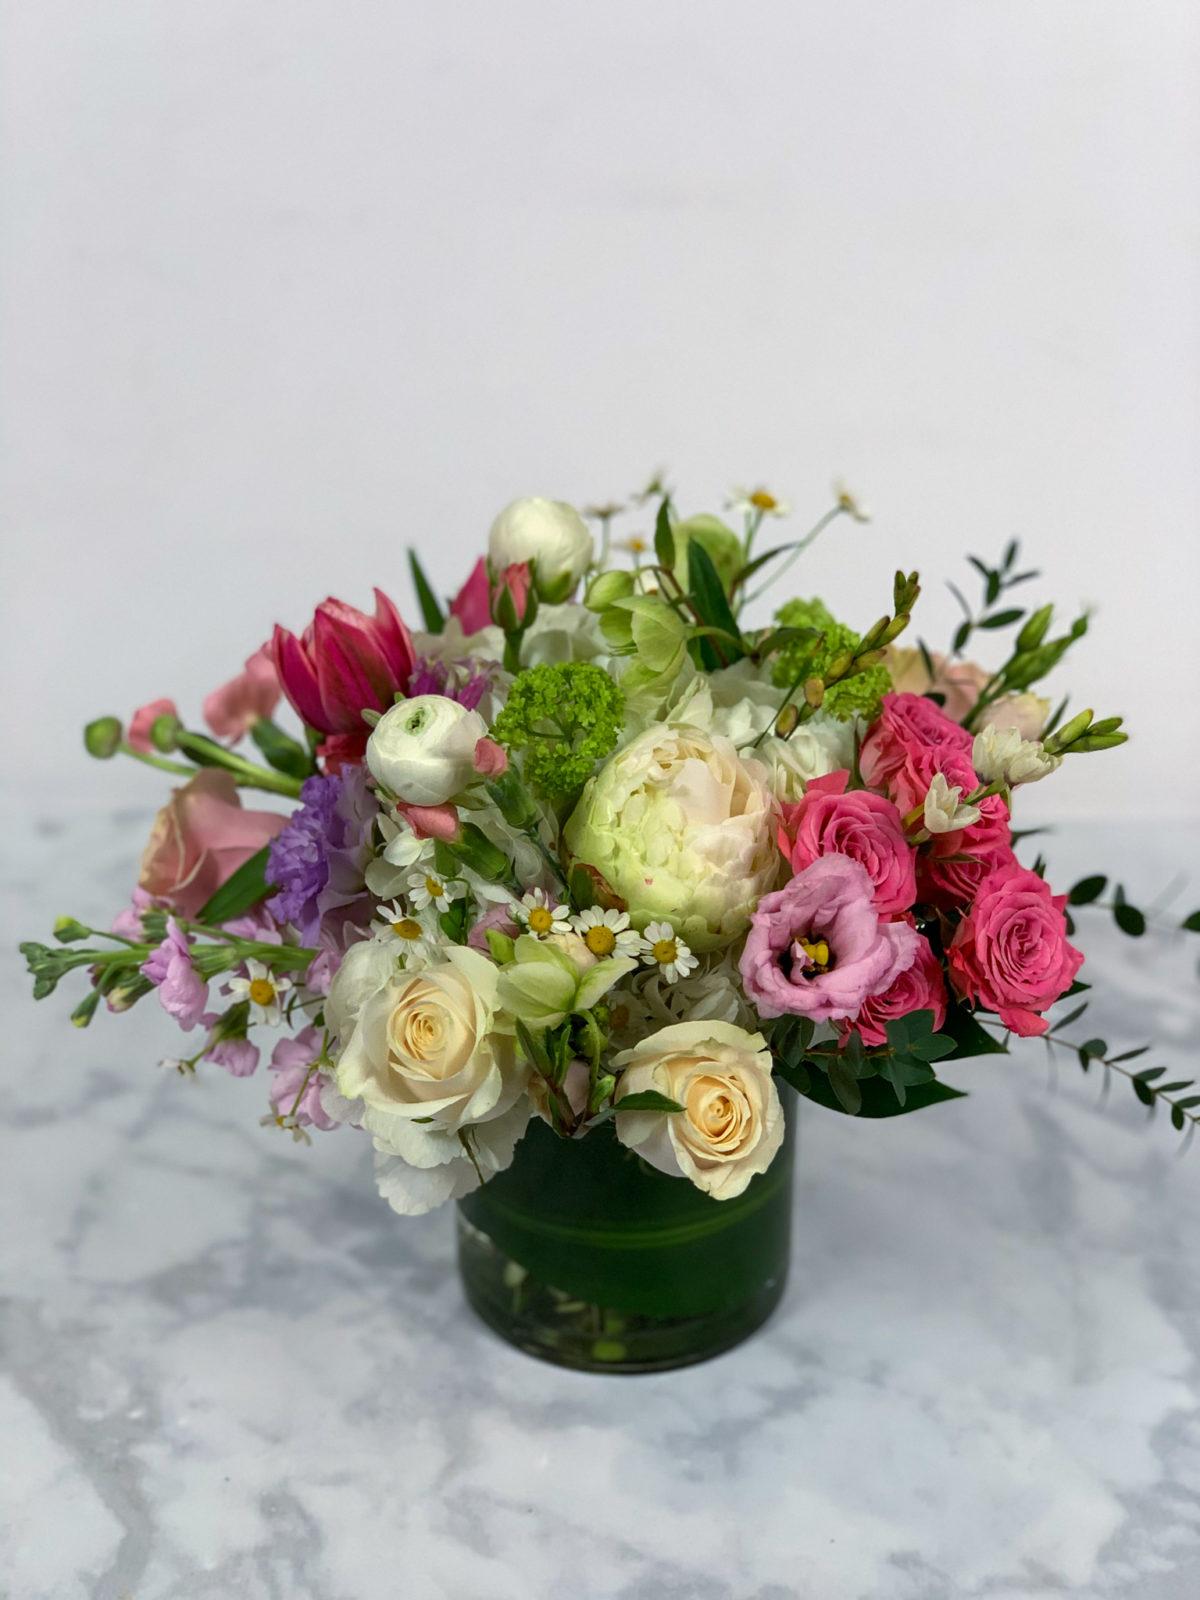 Rachel Cho Flowers | Floral Designer | Plants